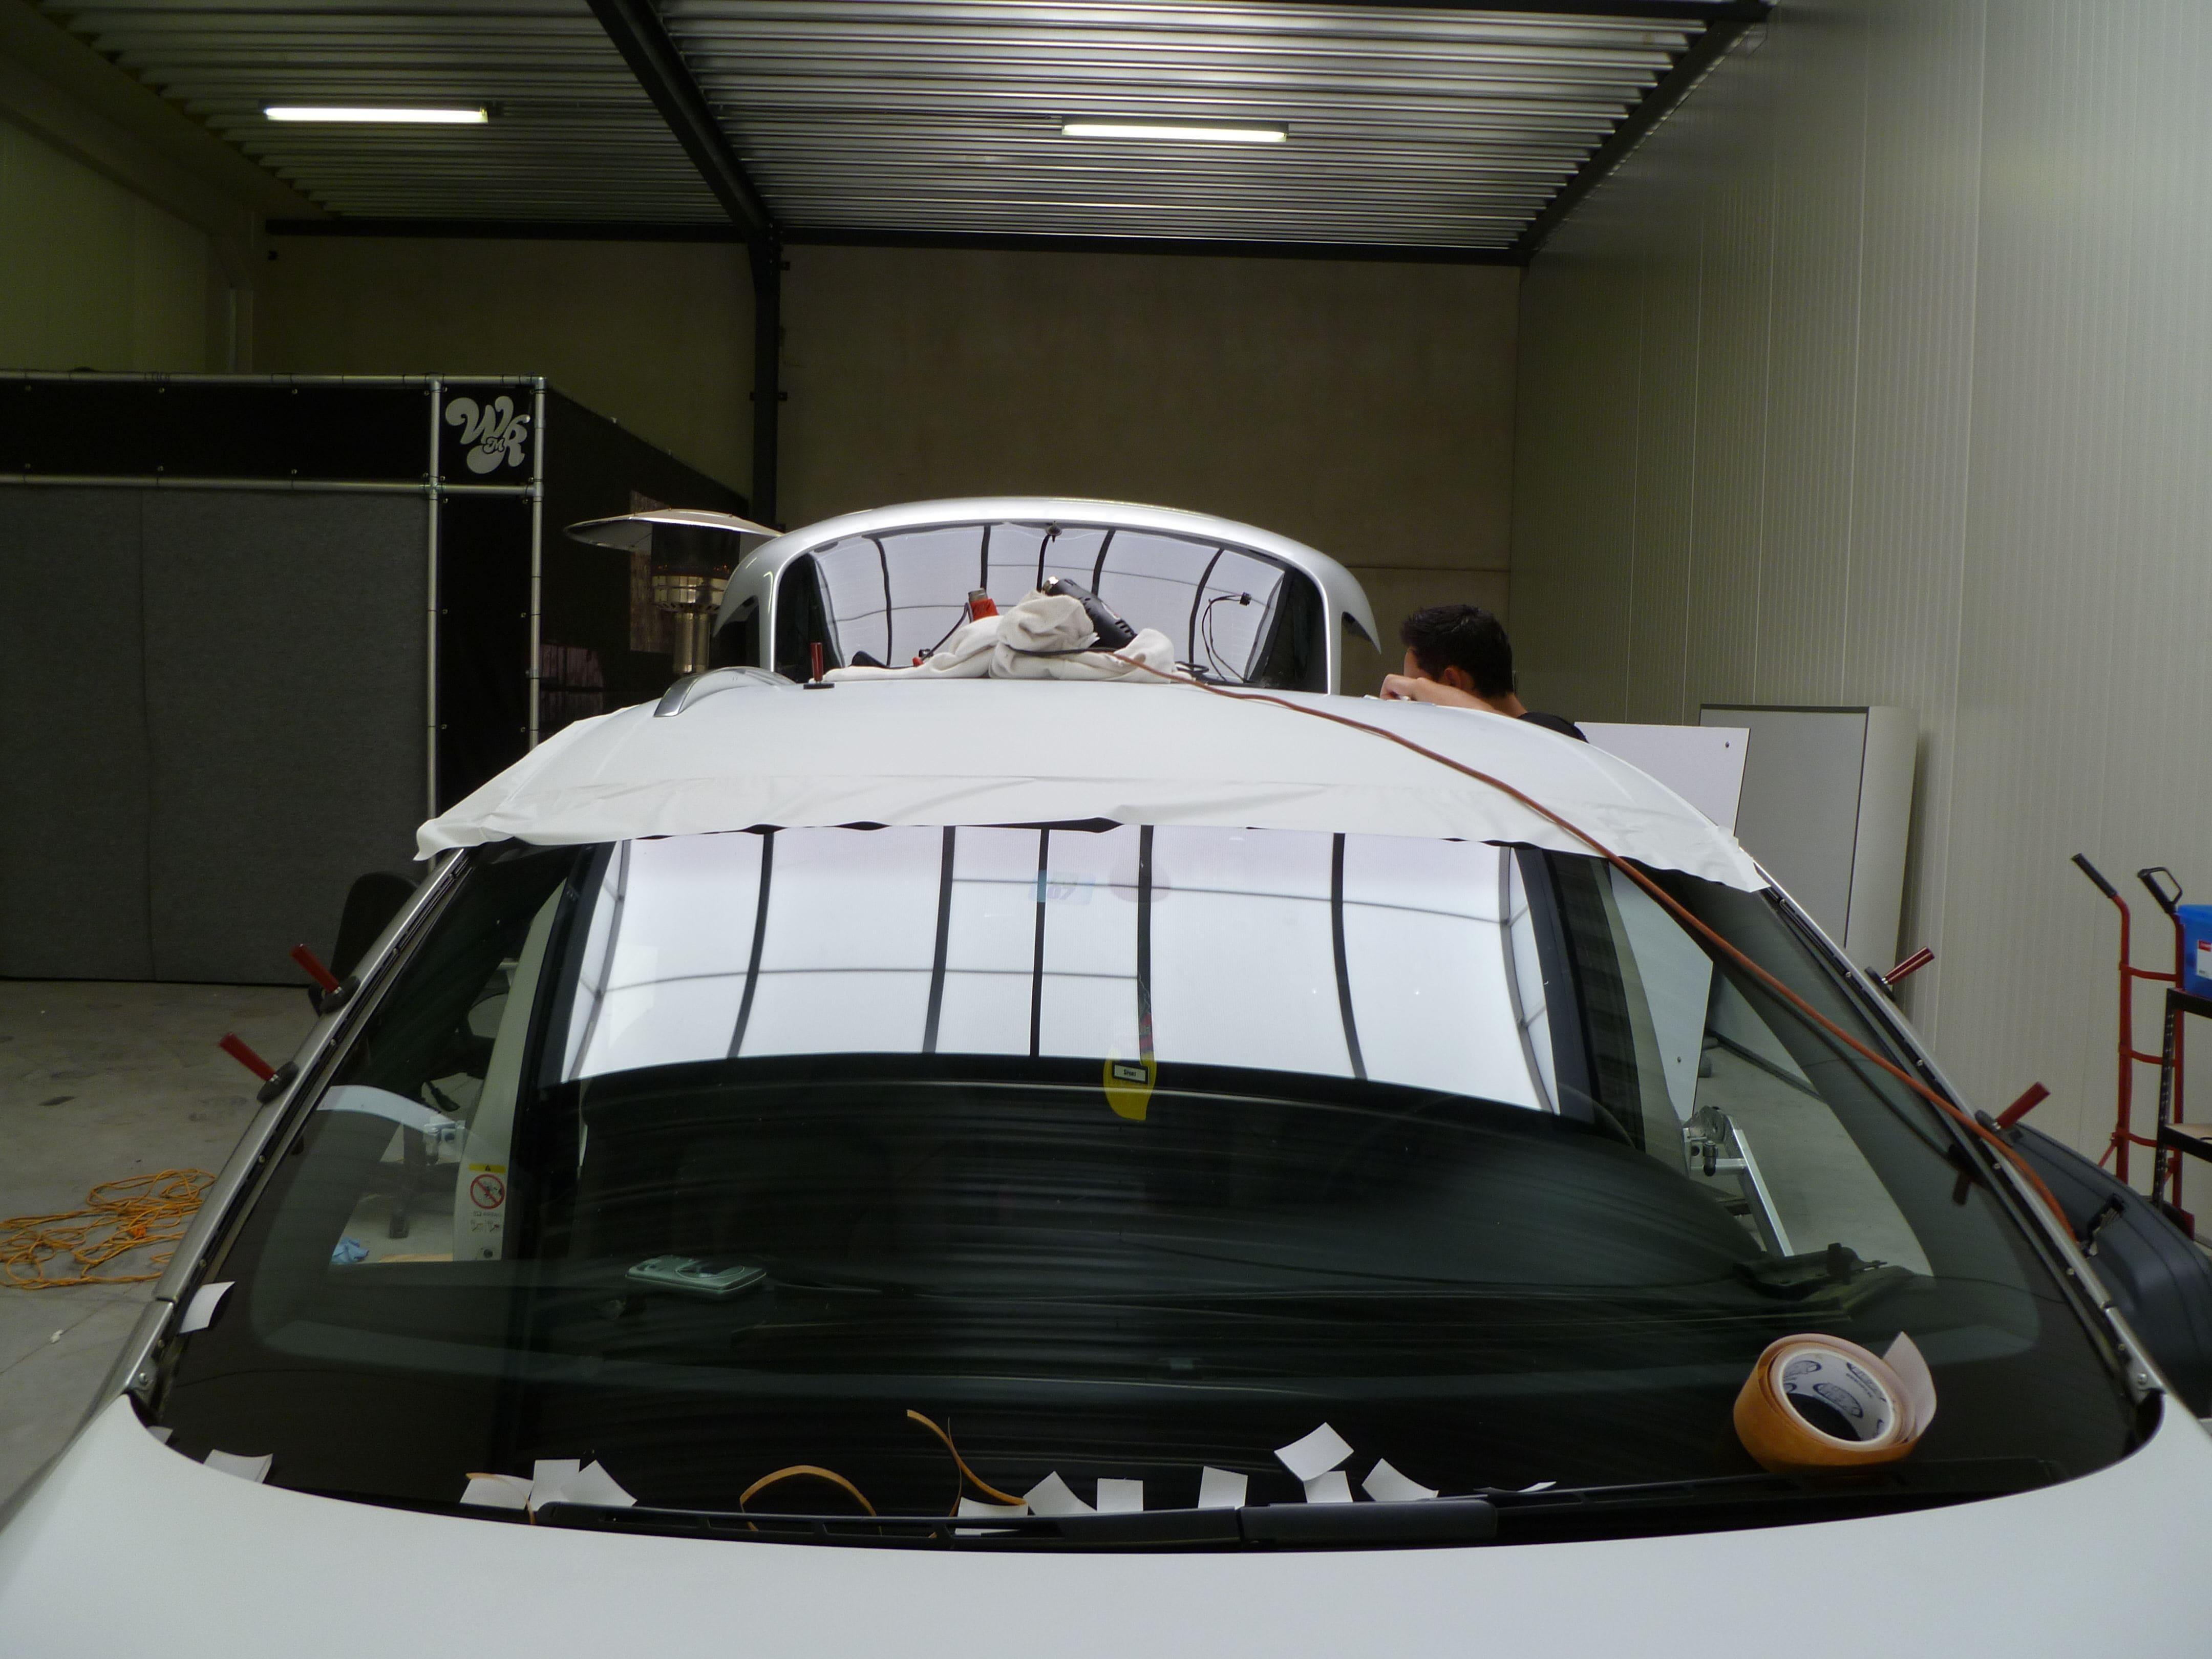 Audi Q7 met Mat Witte Wrap, Carwrapping door Wrapmyride.nu Foto-nr:4971, ©2021